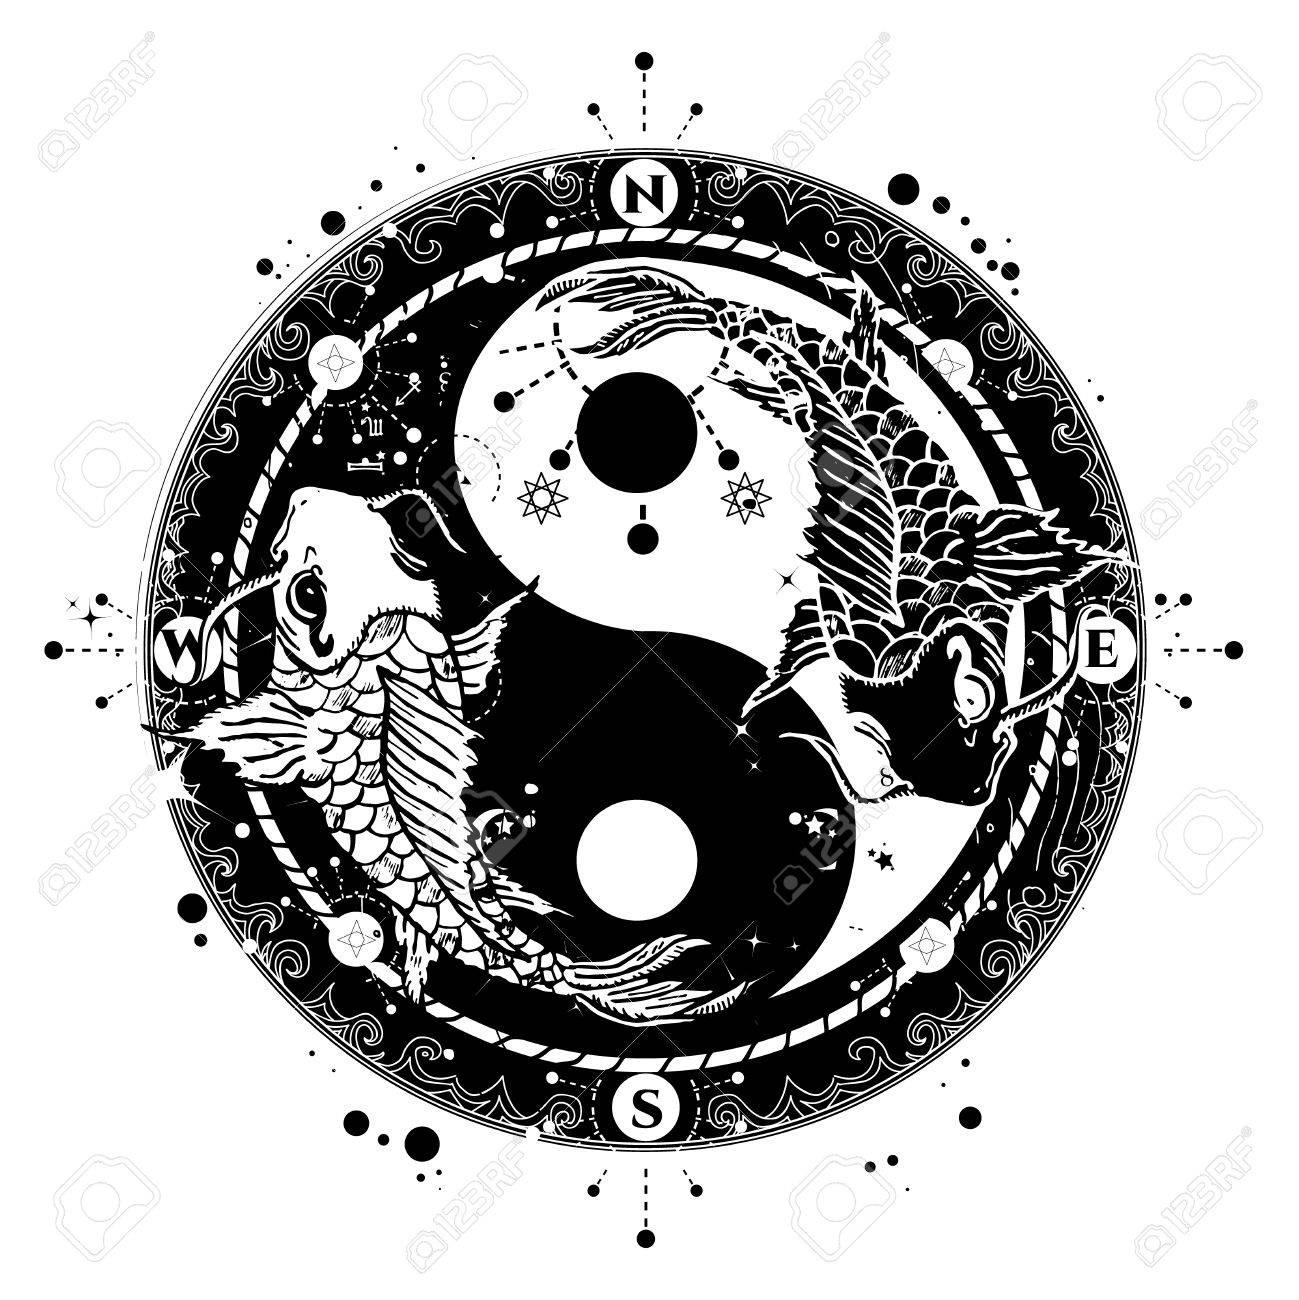 Yin Et Yang Vecteur De L Art Du Tatouage Deux Styles Carpe Boho Japonais Symbole De La Meditation La Philosophie L Harmonie